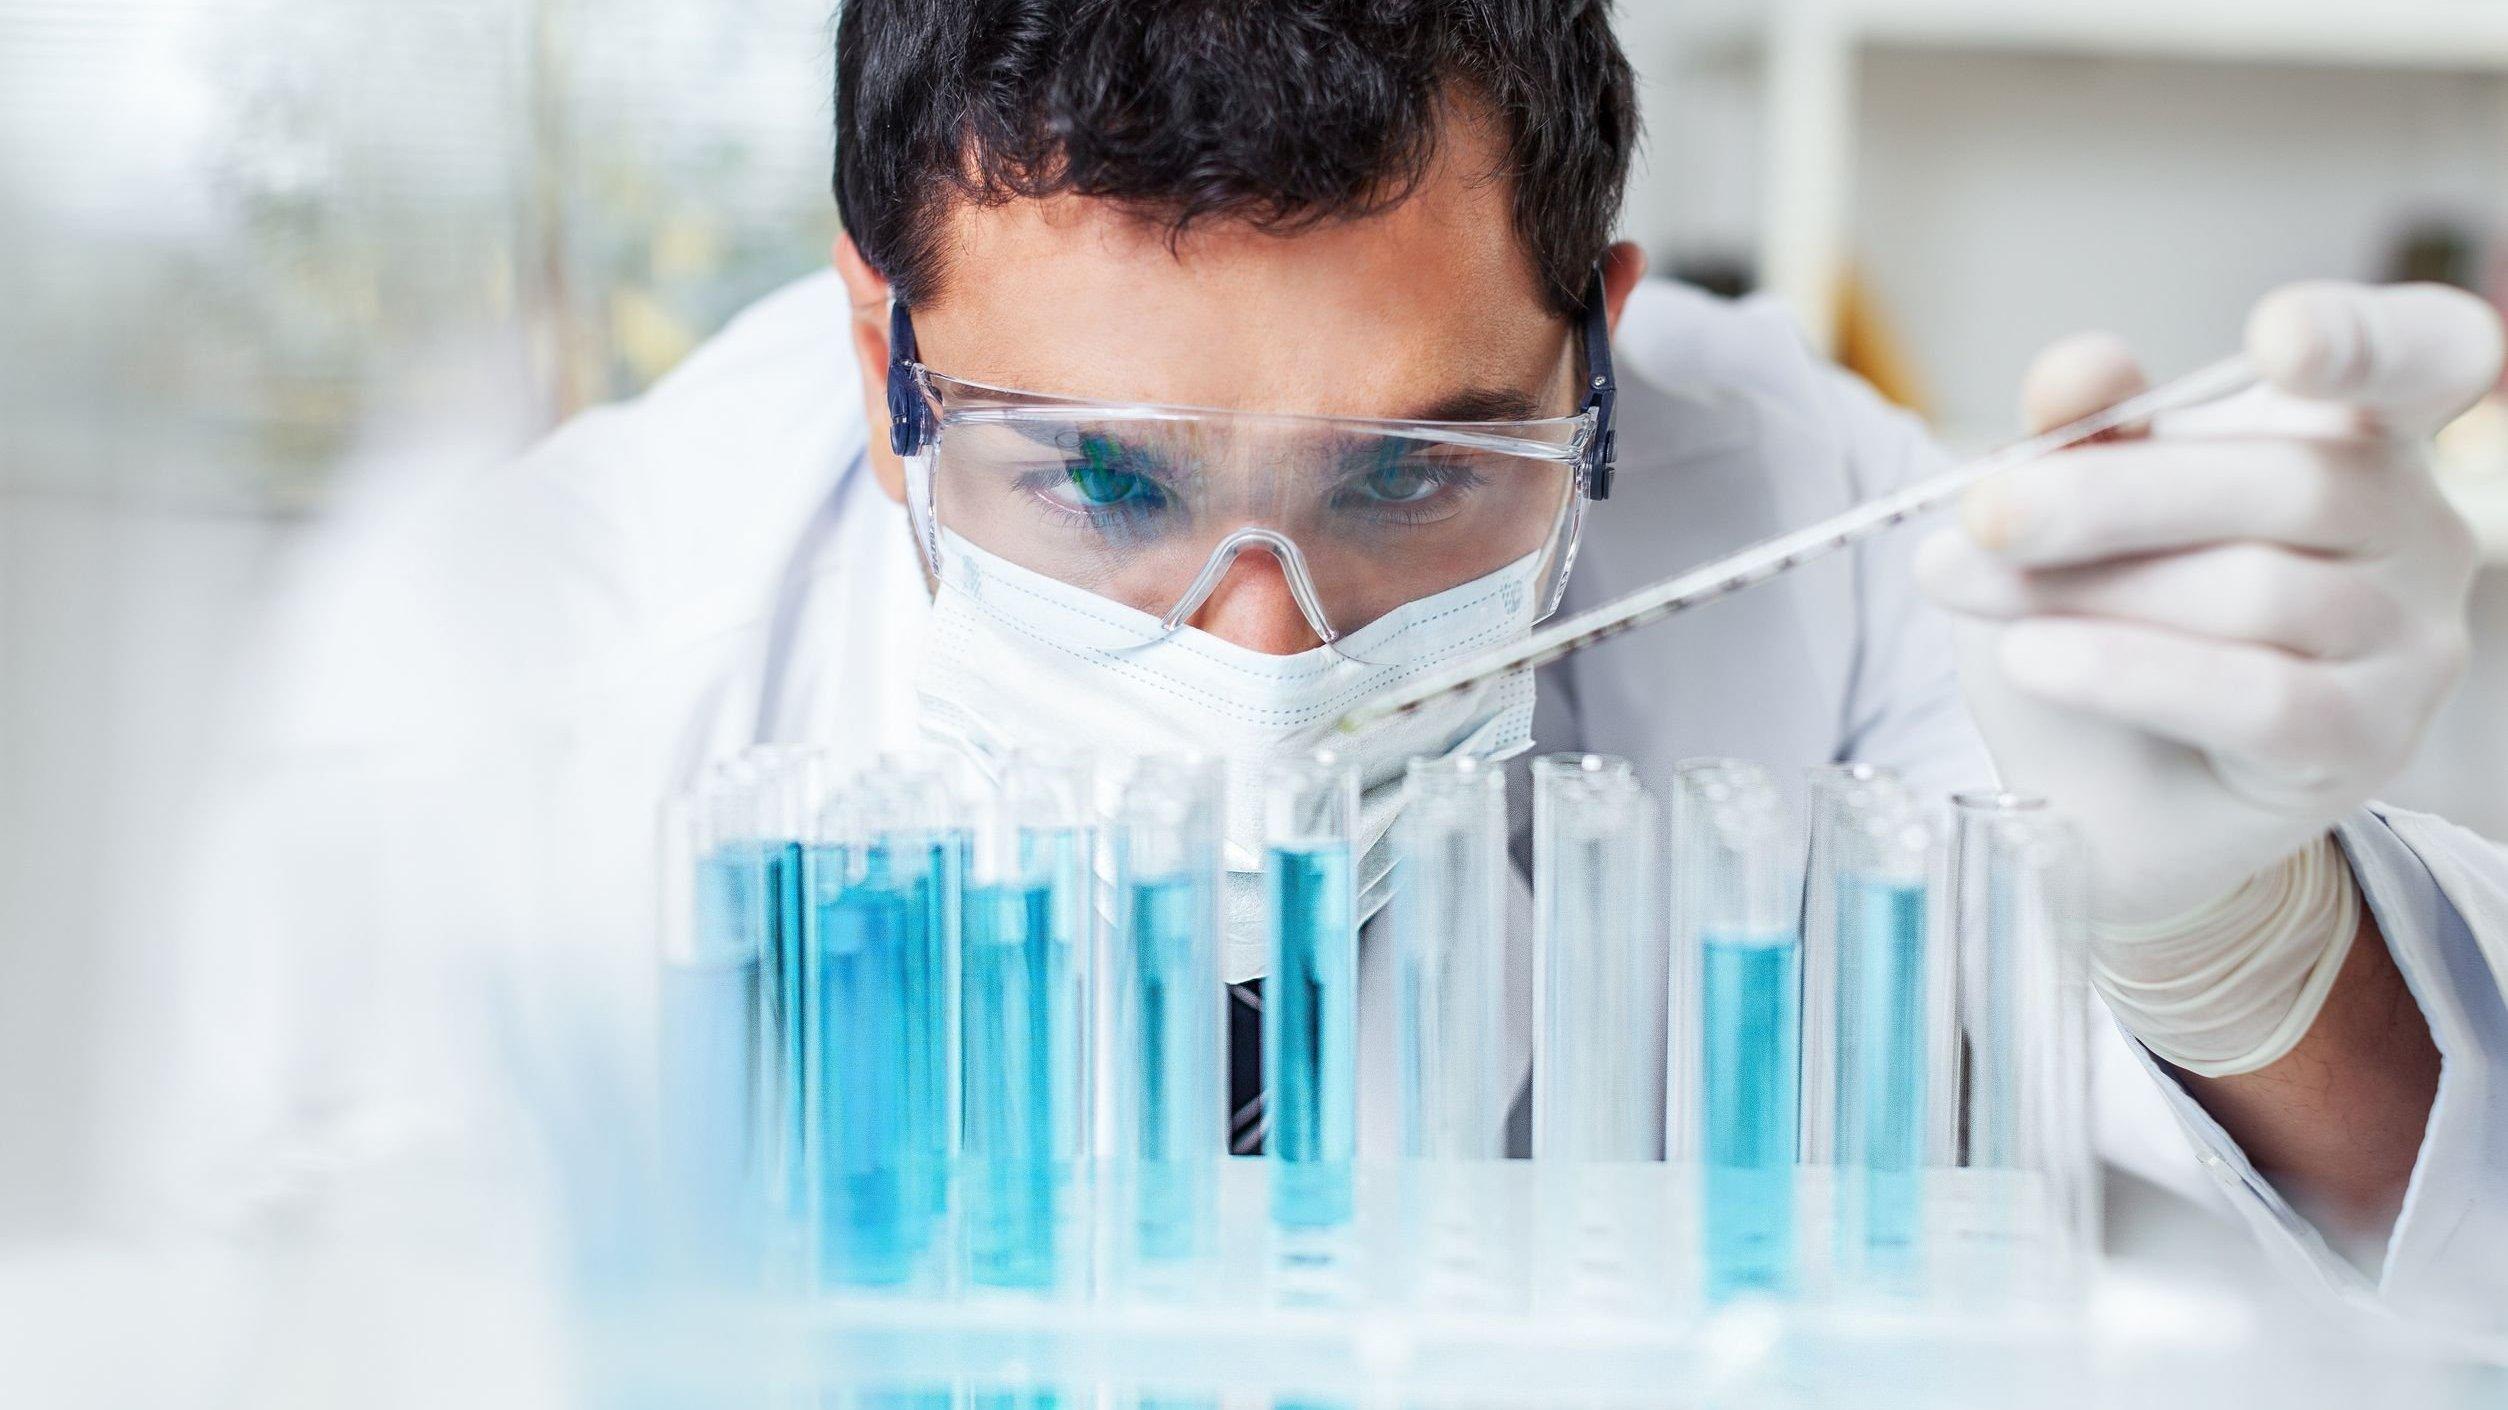 Pesquisador mexendo em tubos de ensaio